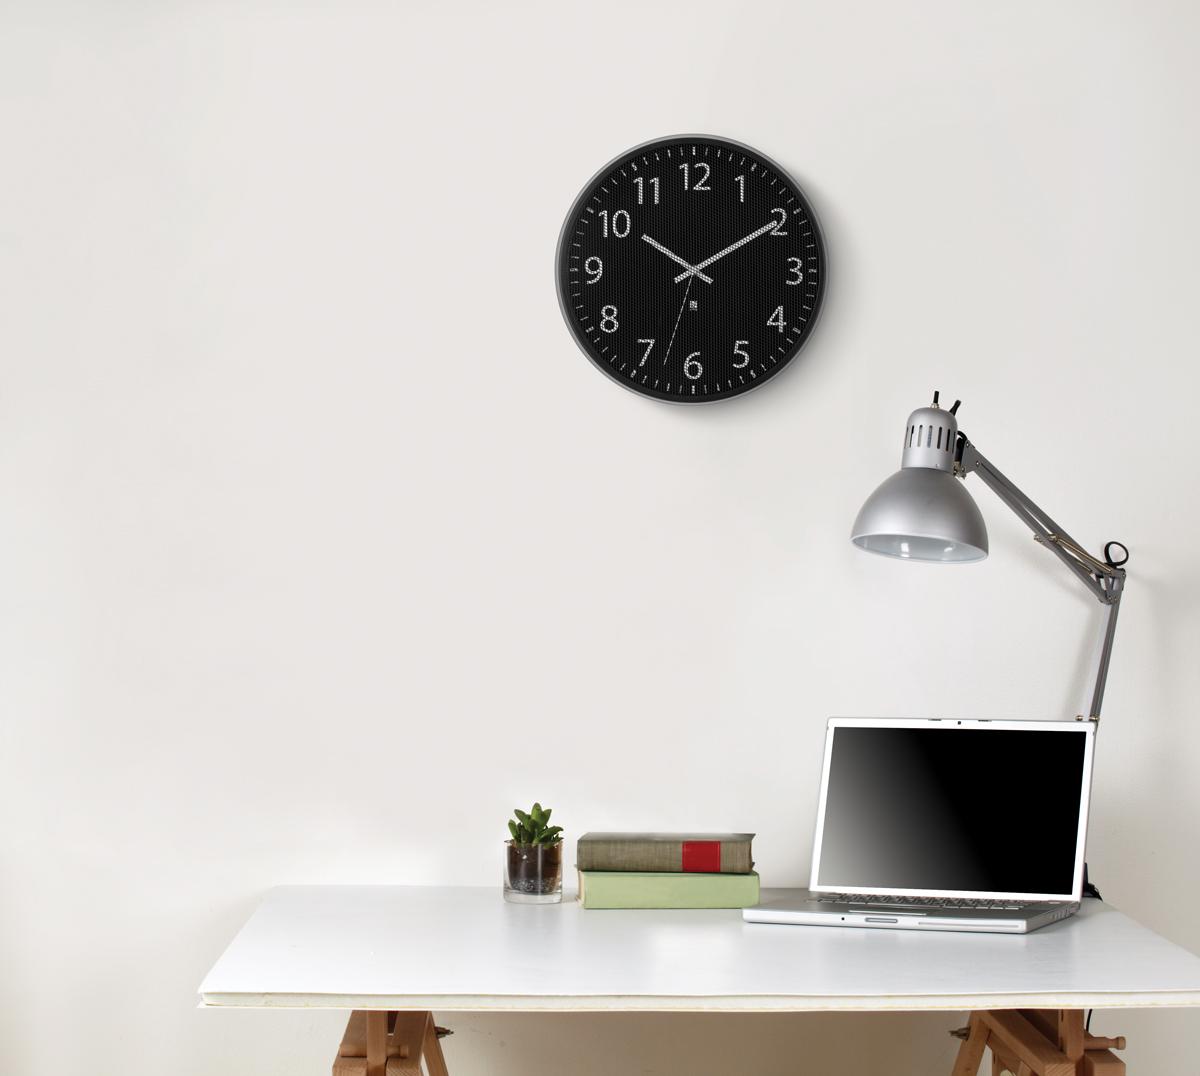 Часы настенные Umbra Perftime122424В отличие от стандартных часов, циферблат модели Pertime защищен не стеклом, а тонкой металлической сеткой, которая создает интересный оптический эффект. В дополнение к плюсам - приятное покрытие основания из матового металла и секундная стрелка, позволяющая определить время с супер-точностью.Батарейка в комплект не входит.